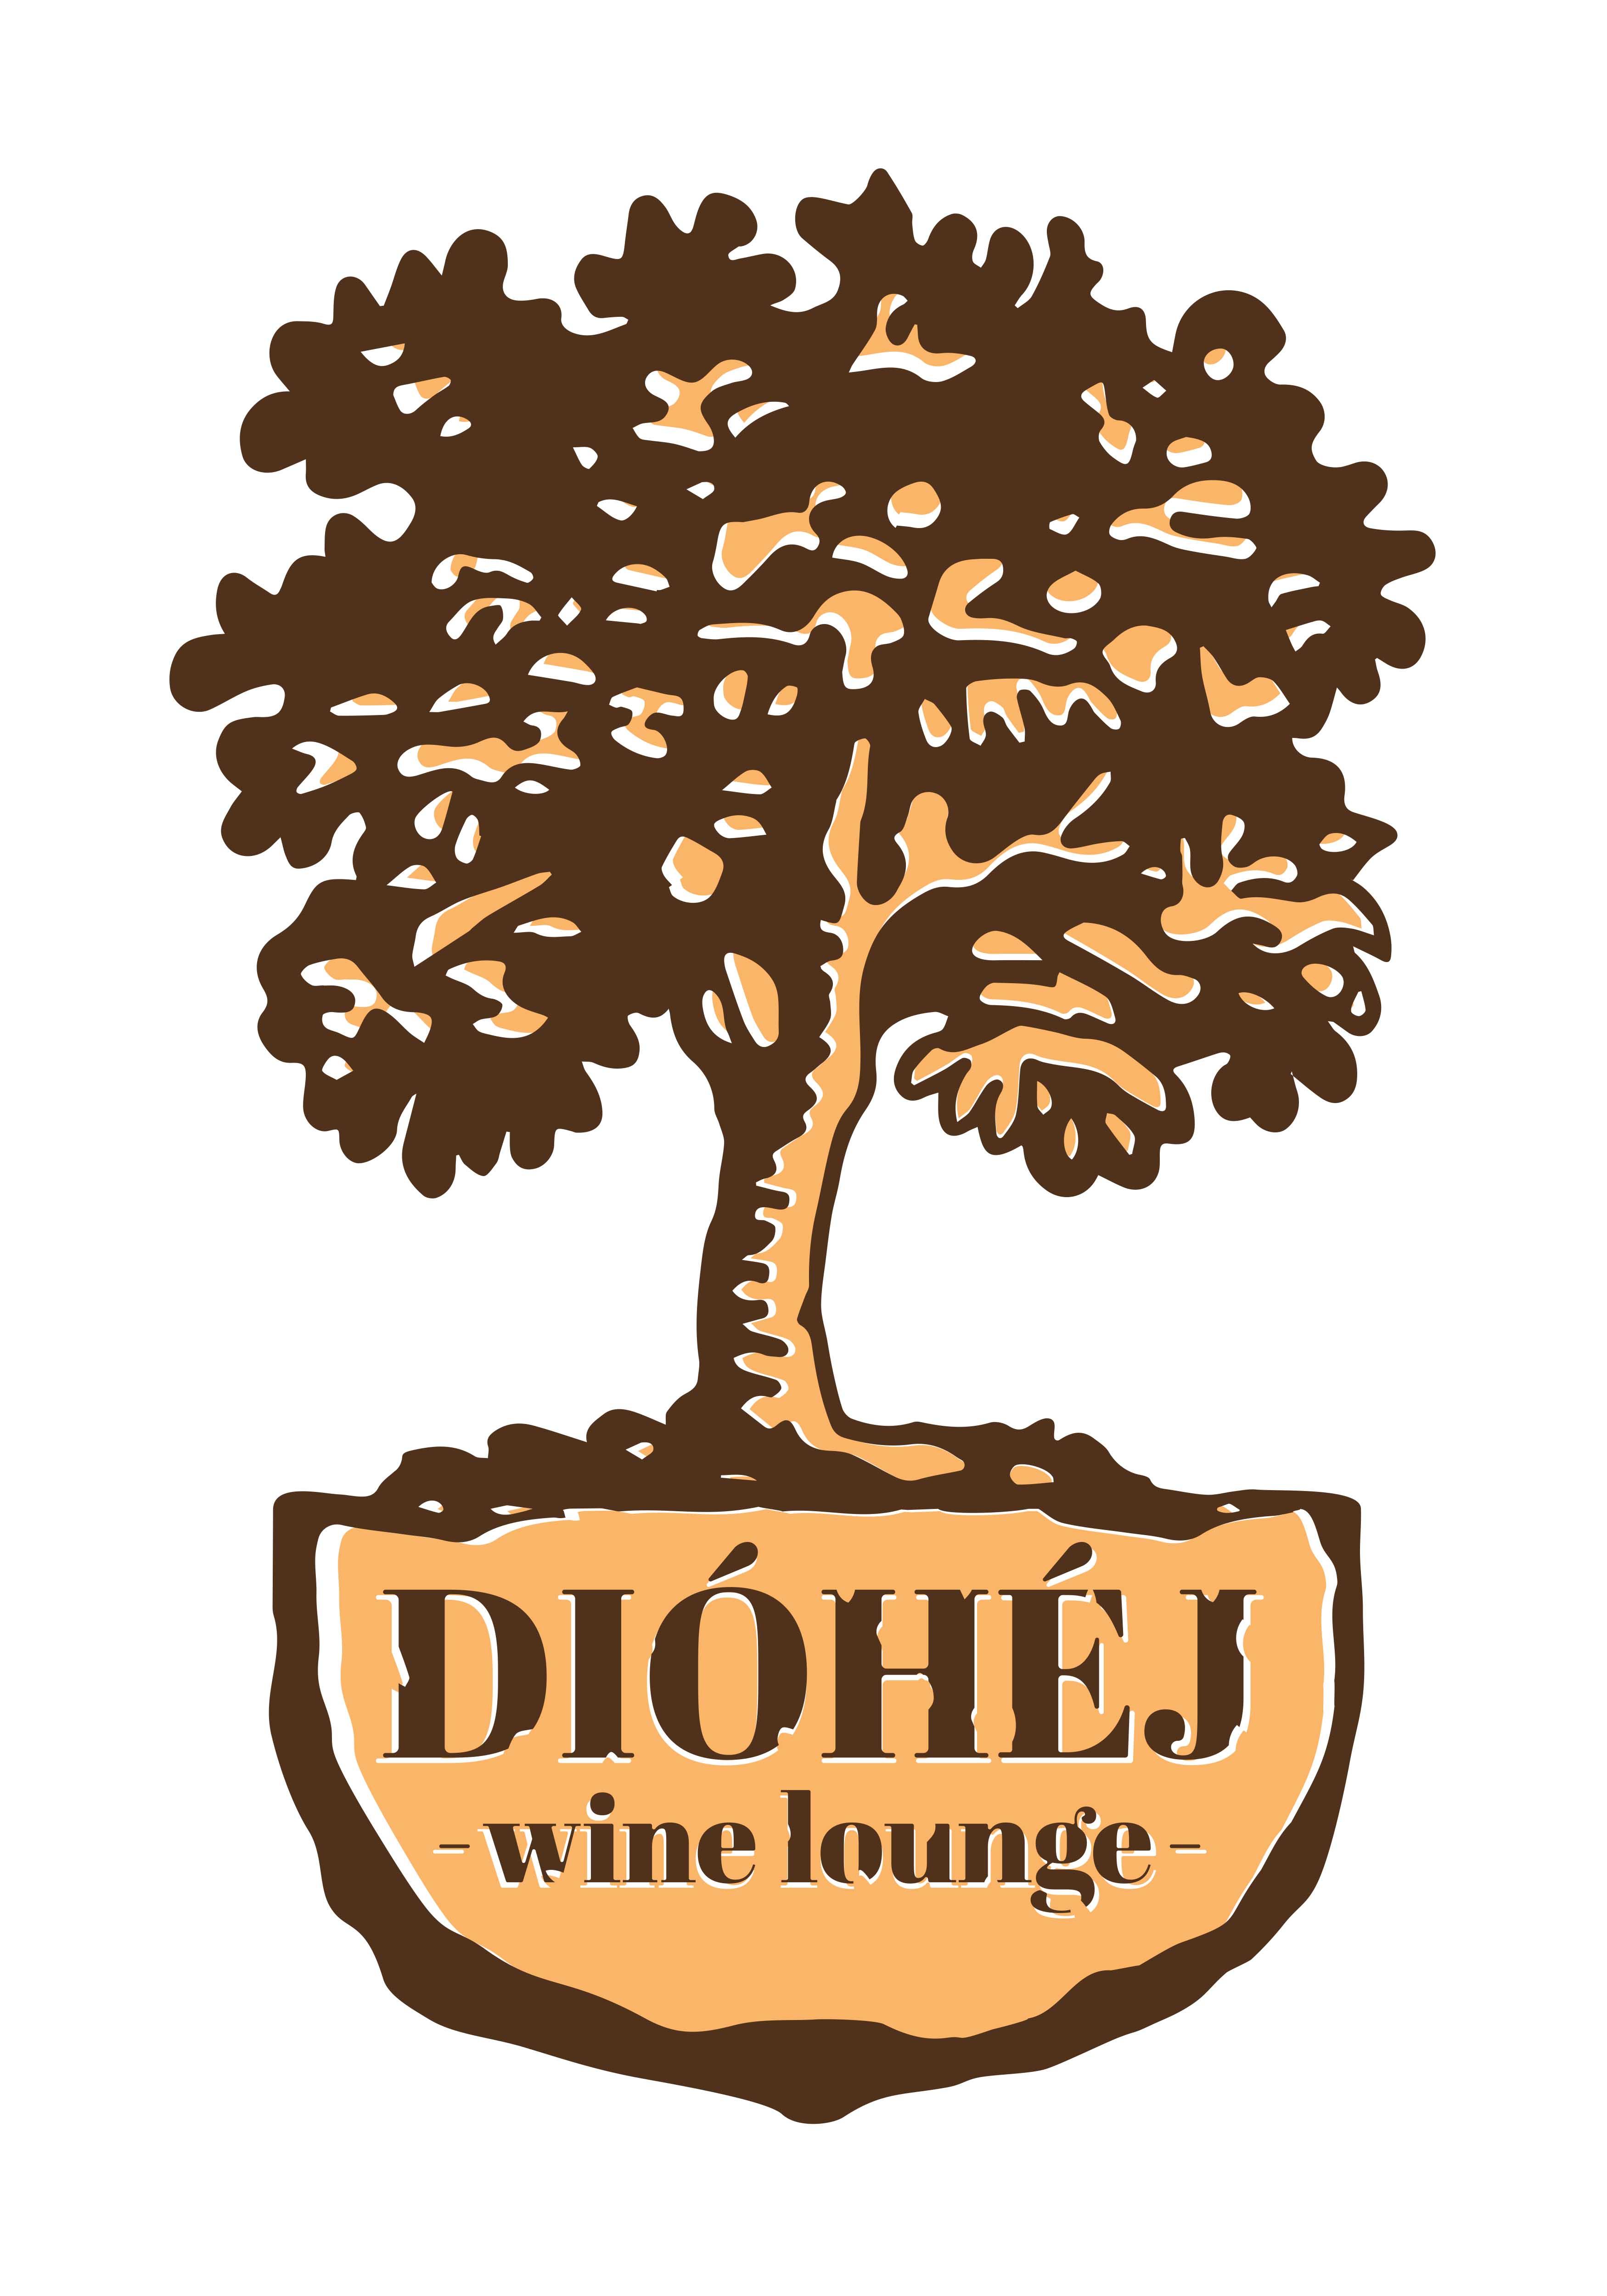 diohej_logo